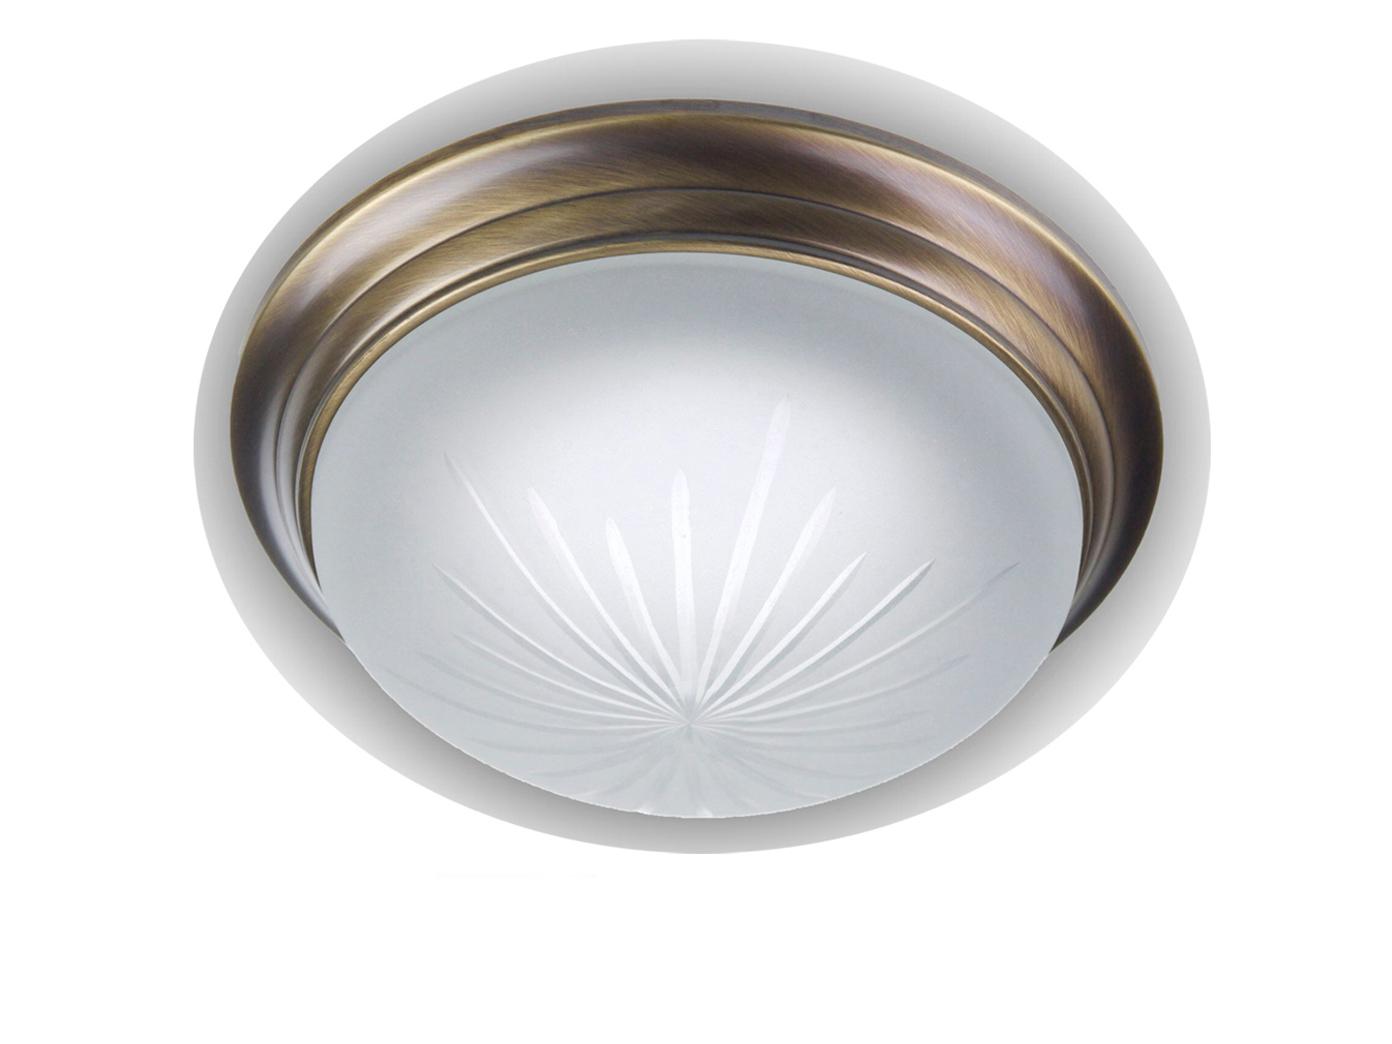 Decken Leuchte rund Ø 30cm Schliffglas satiniert Altmessing gewölbt Wandlampe